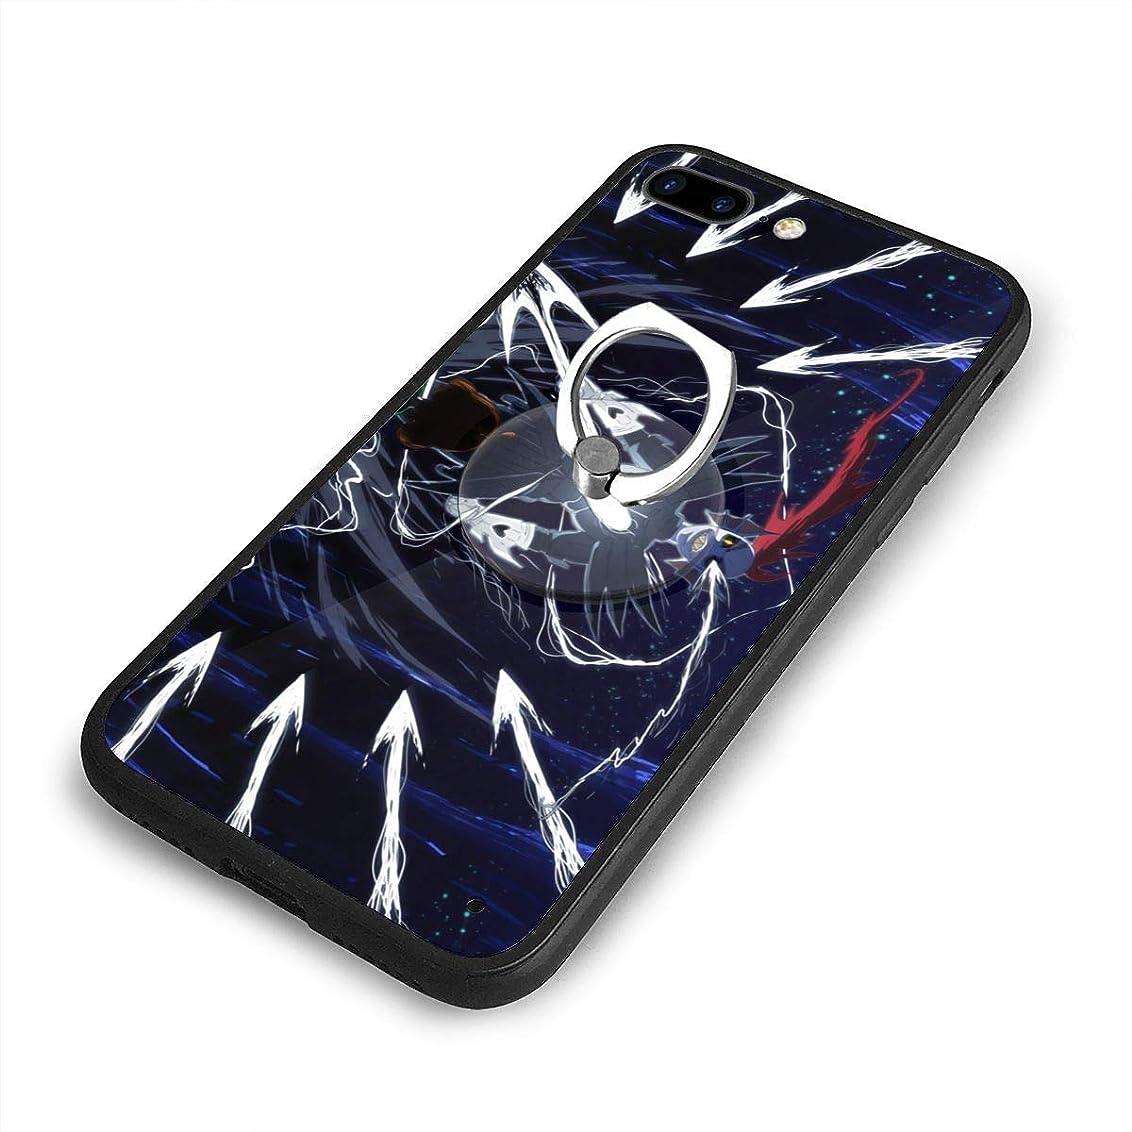 ディレクター白菜企業Undertale真正的英雄ons?iPhone 7/8 Plusケースリングブラケット 携帯カバー 創意デザイン軽量 傷つけ防止 360°回転ブラケット 携帯ケース PC 衝撃防止 全面保護